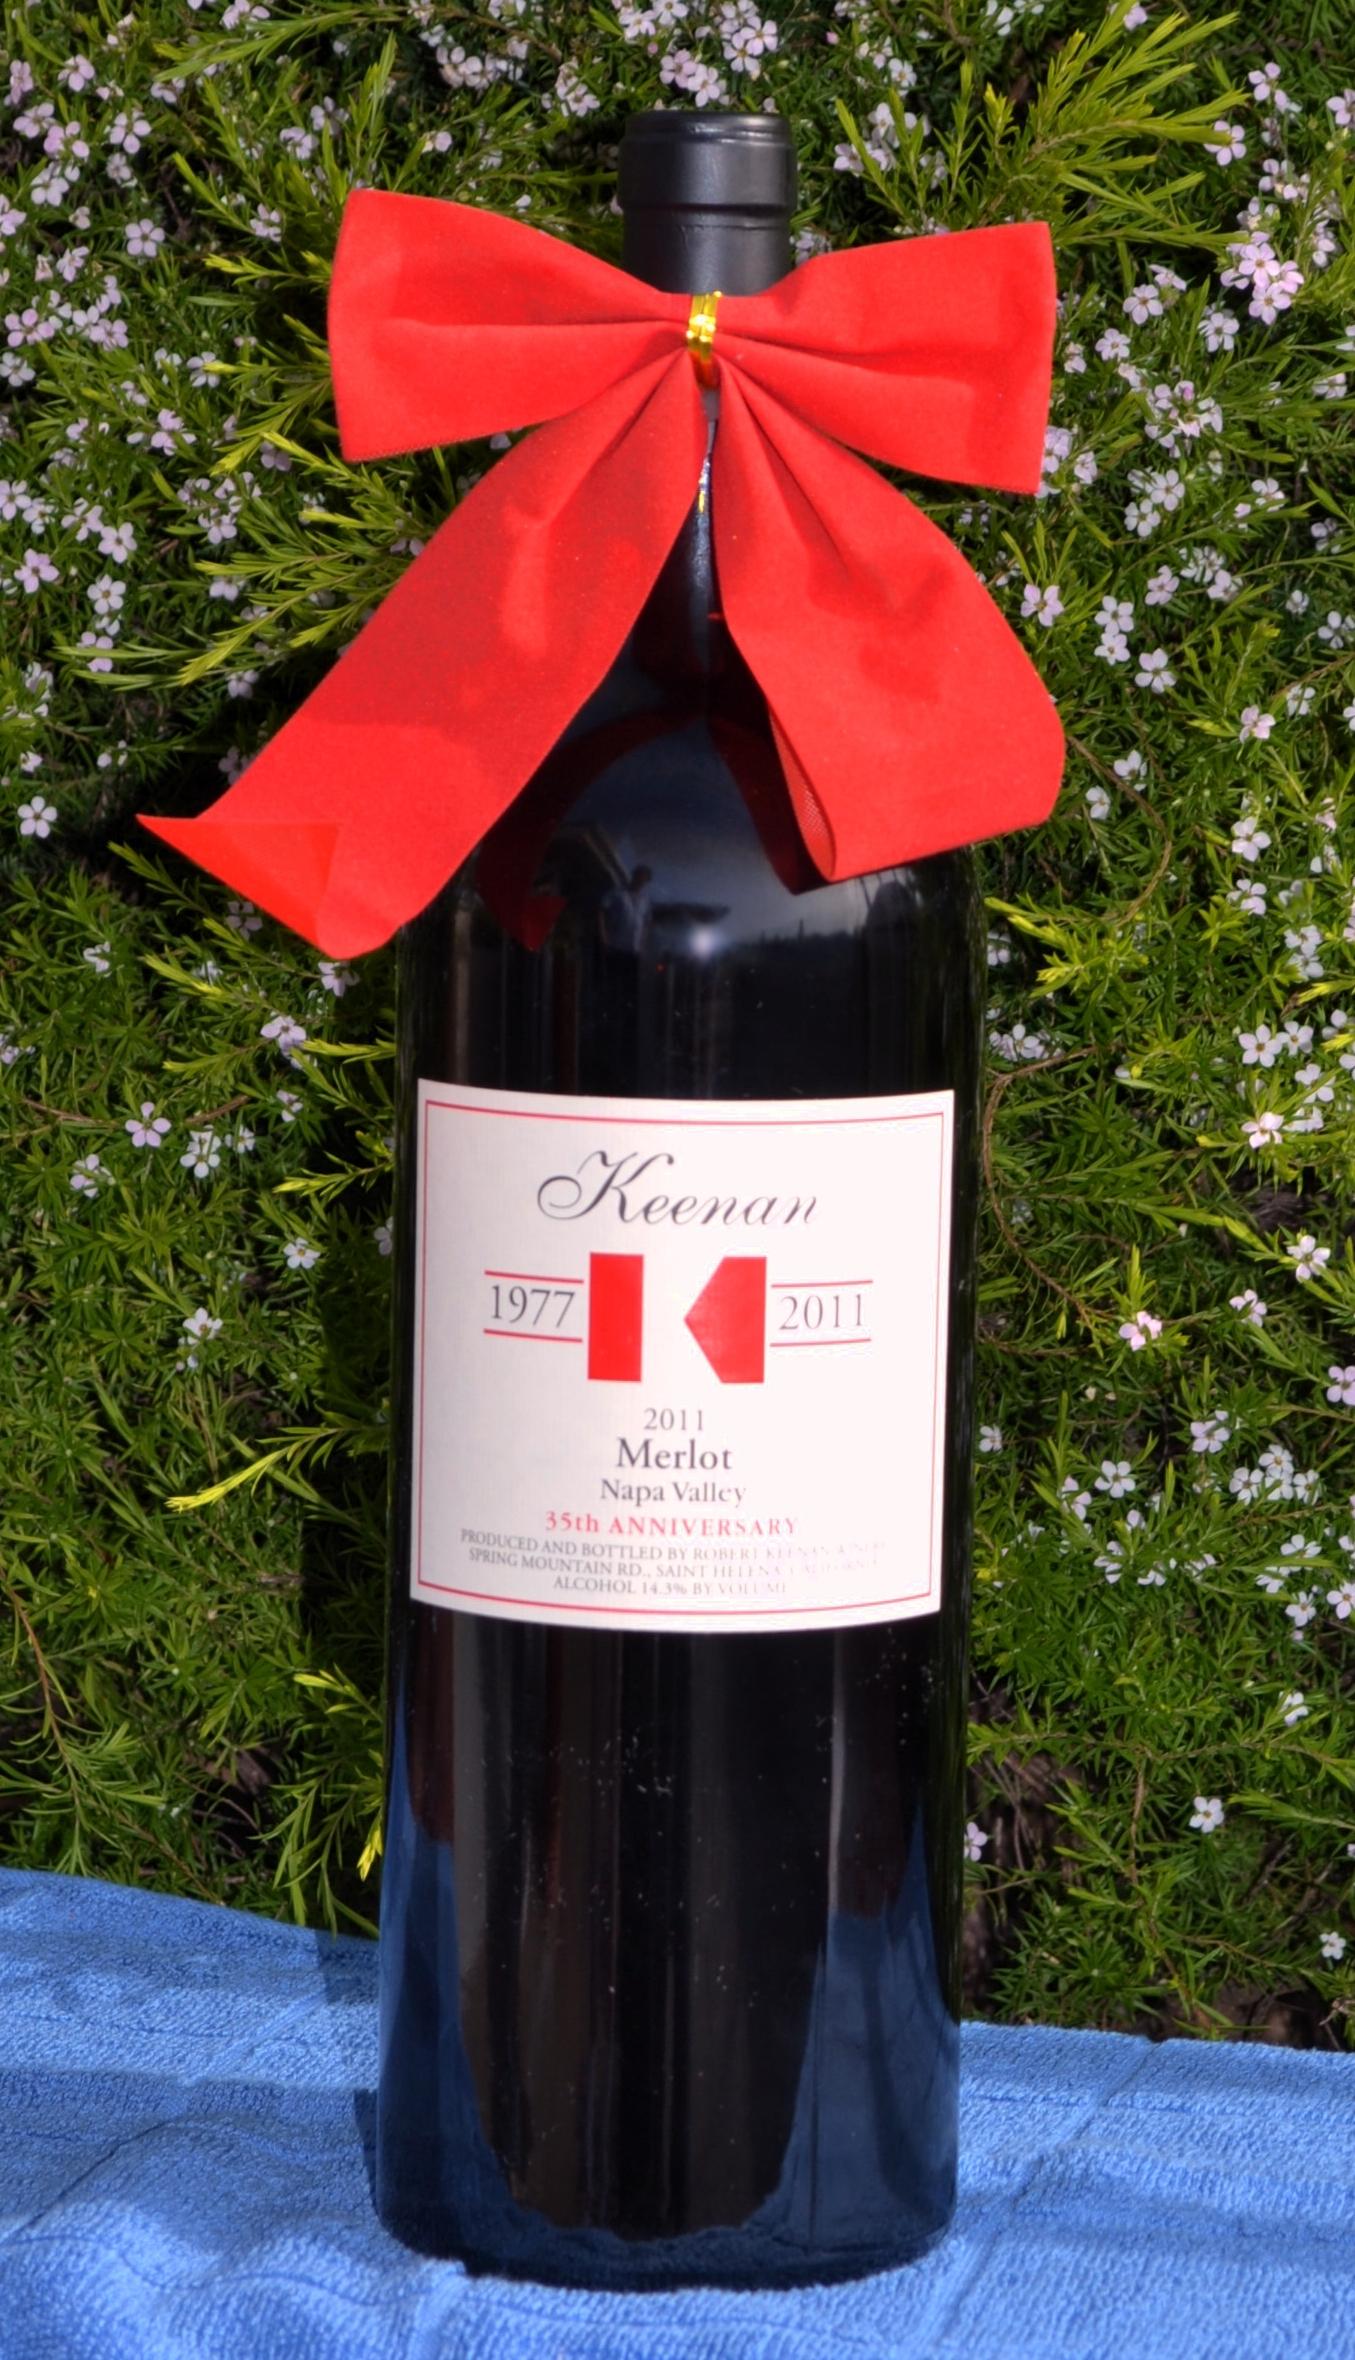 Keenan Wine Magnum 2011 Vintage